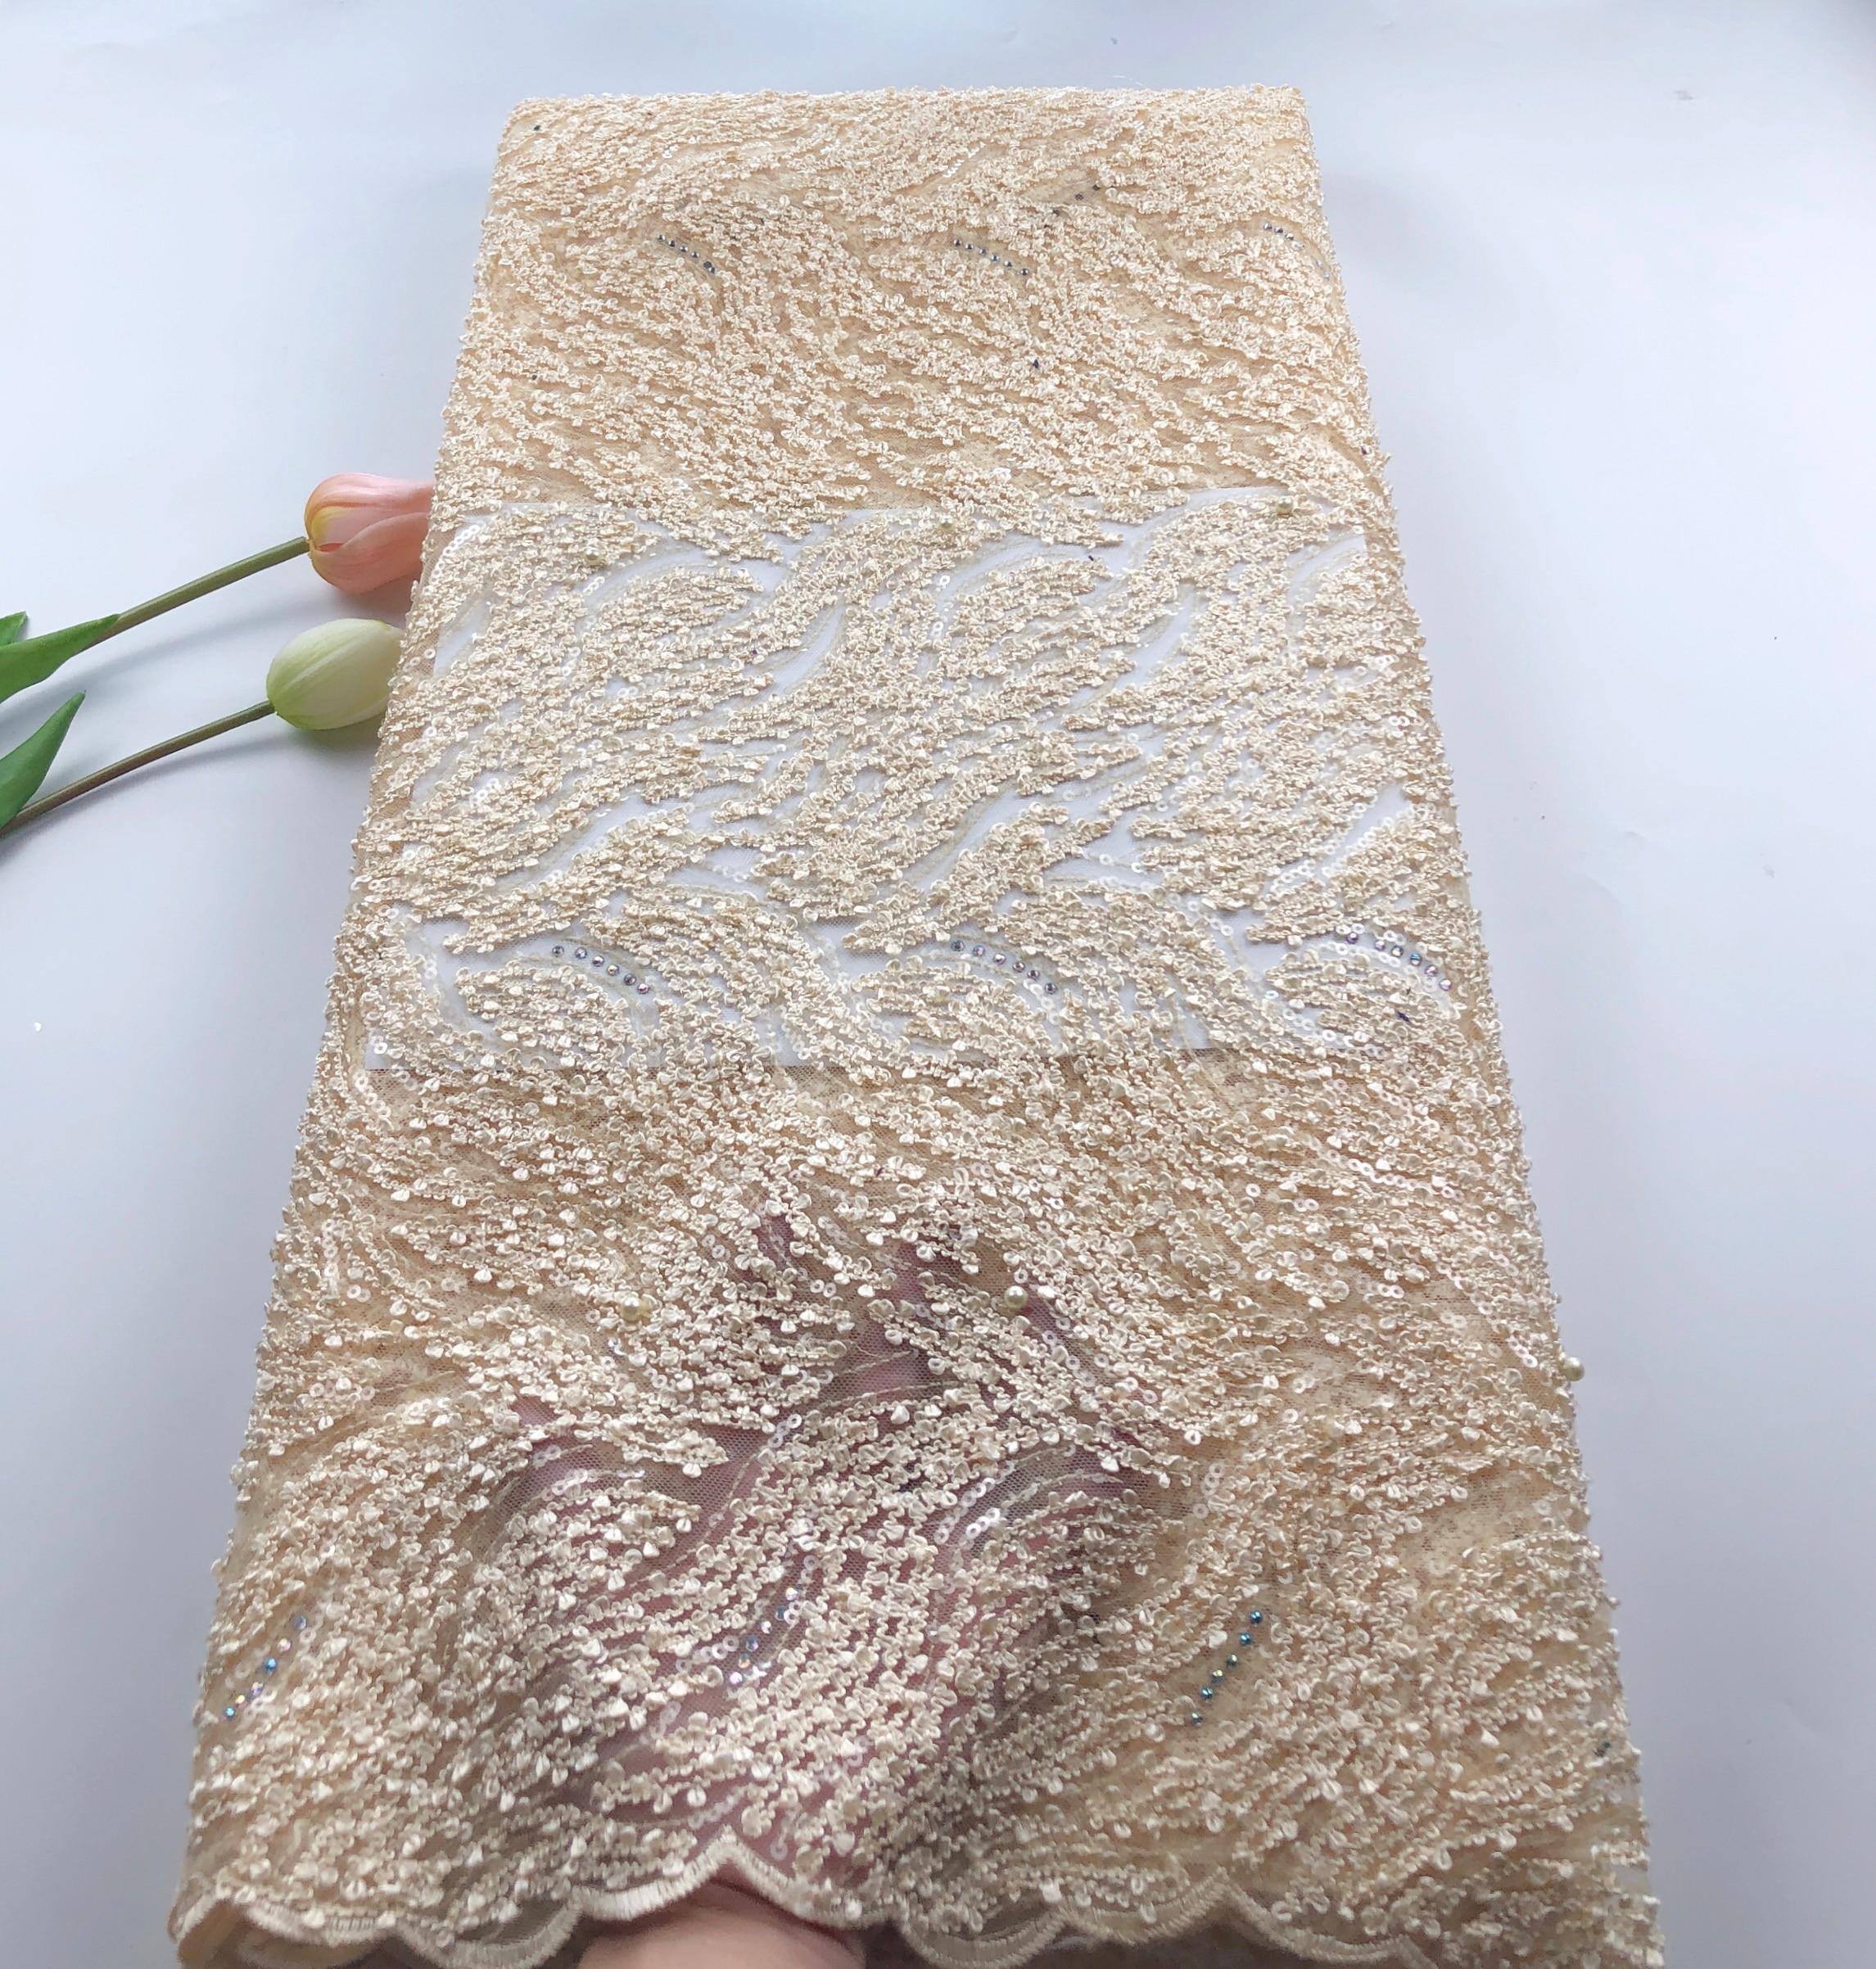 Новая мода африканская сетка тюль кружевная ткань с блестками 5 ярдов африканская французская кружевная ткань с блестками QCOC221 - 4